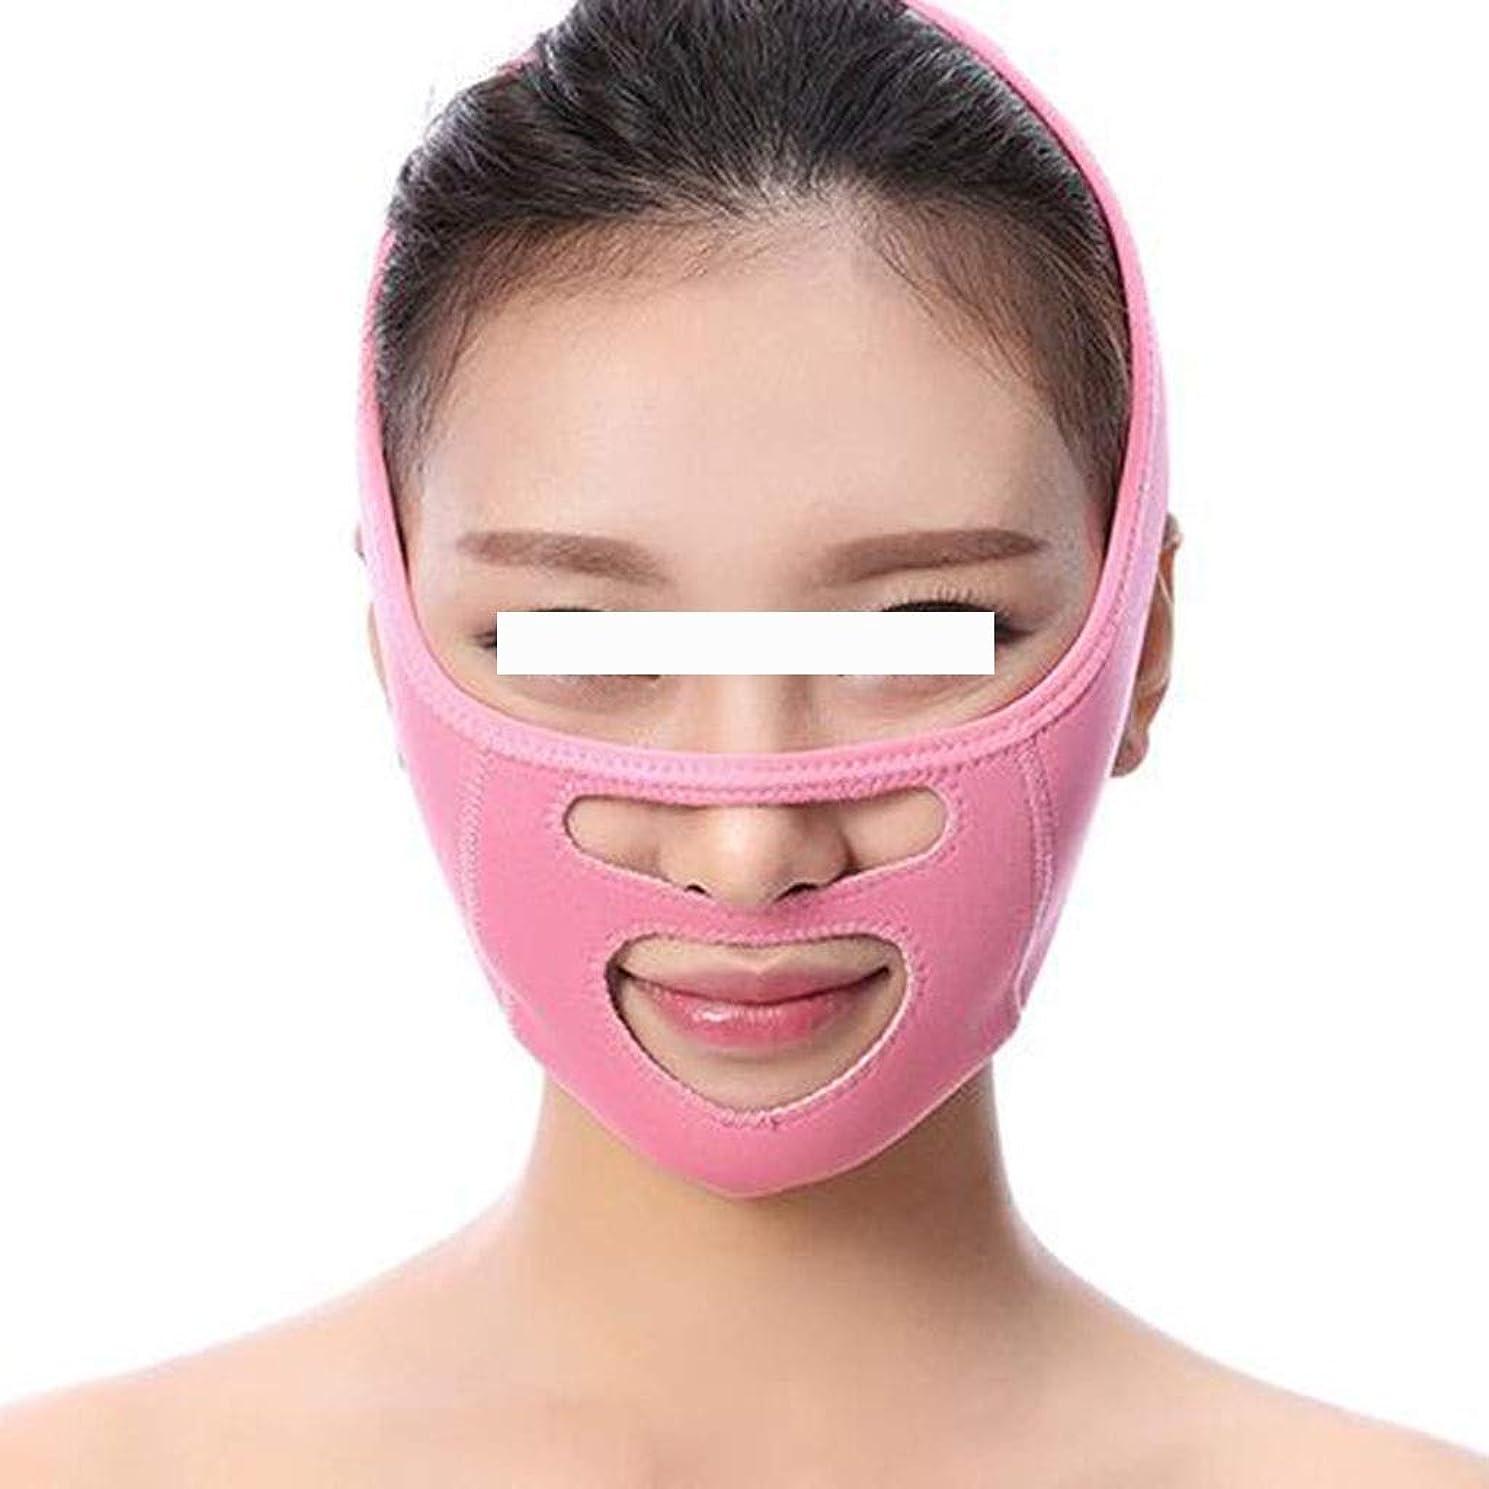 急流クロニクルラダ人気のVフェイスマスク - 睡眠小顔美容フェイス包帯 - Decreeダブルチンvフェイスに移動